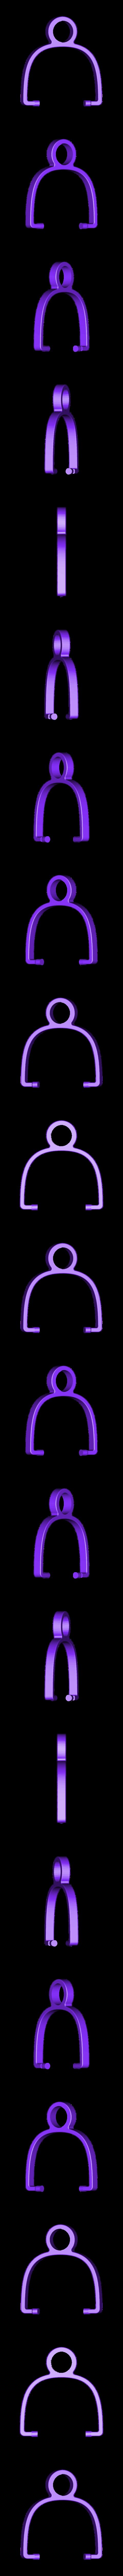 Handle.STL Télécharger fichier STL gratuit LED Litho-lanterne de vacances • Plan pour impression 3D, Festus440